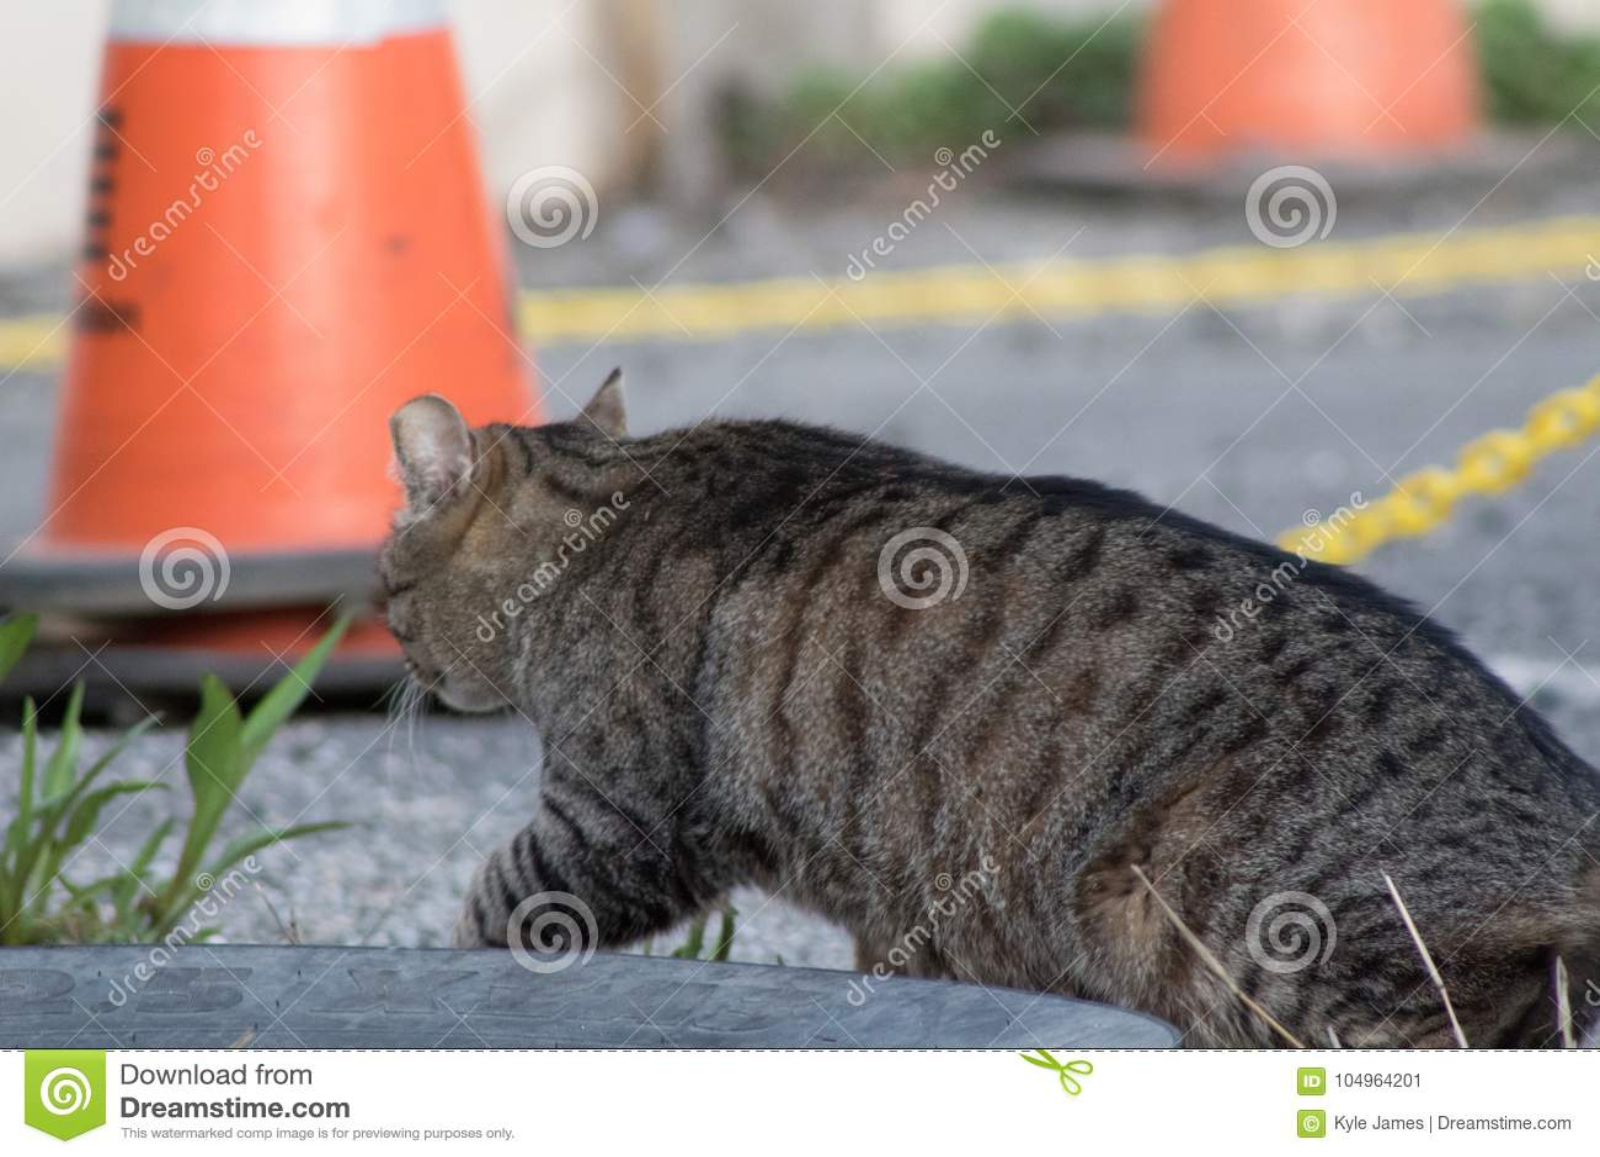 Alley Cat Walking